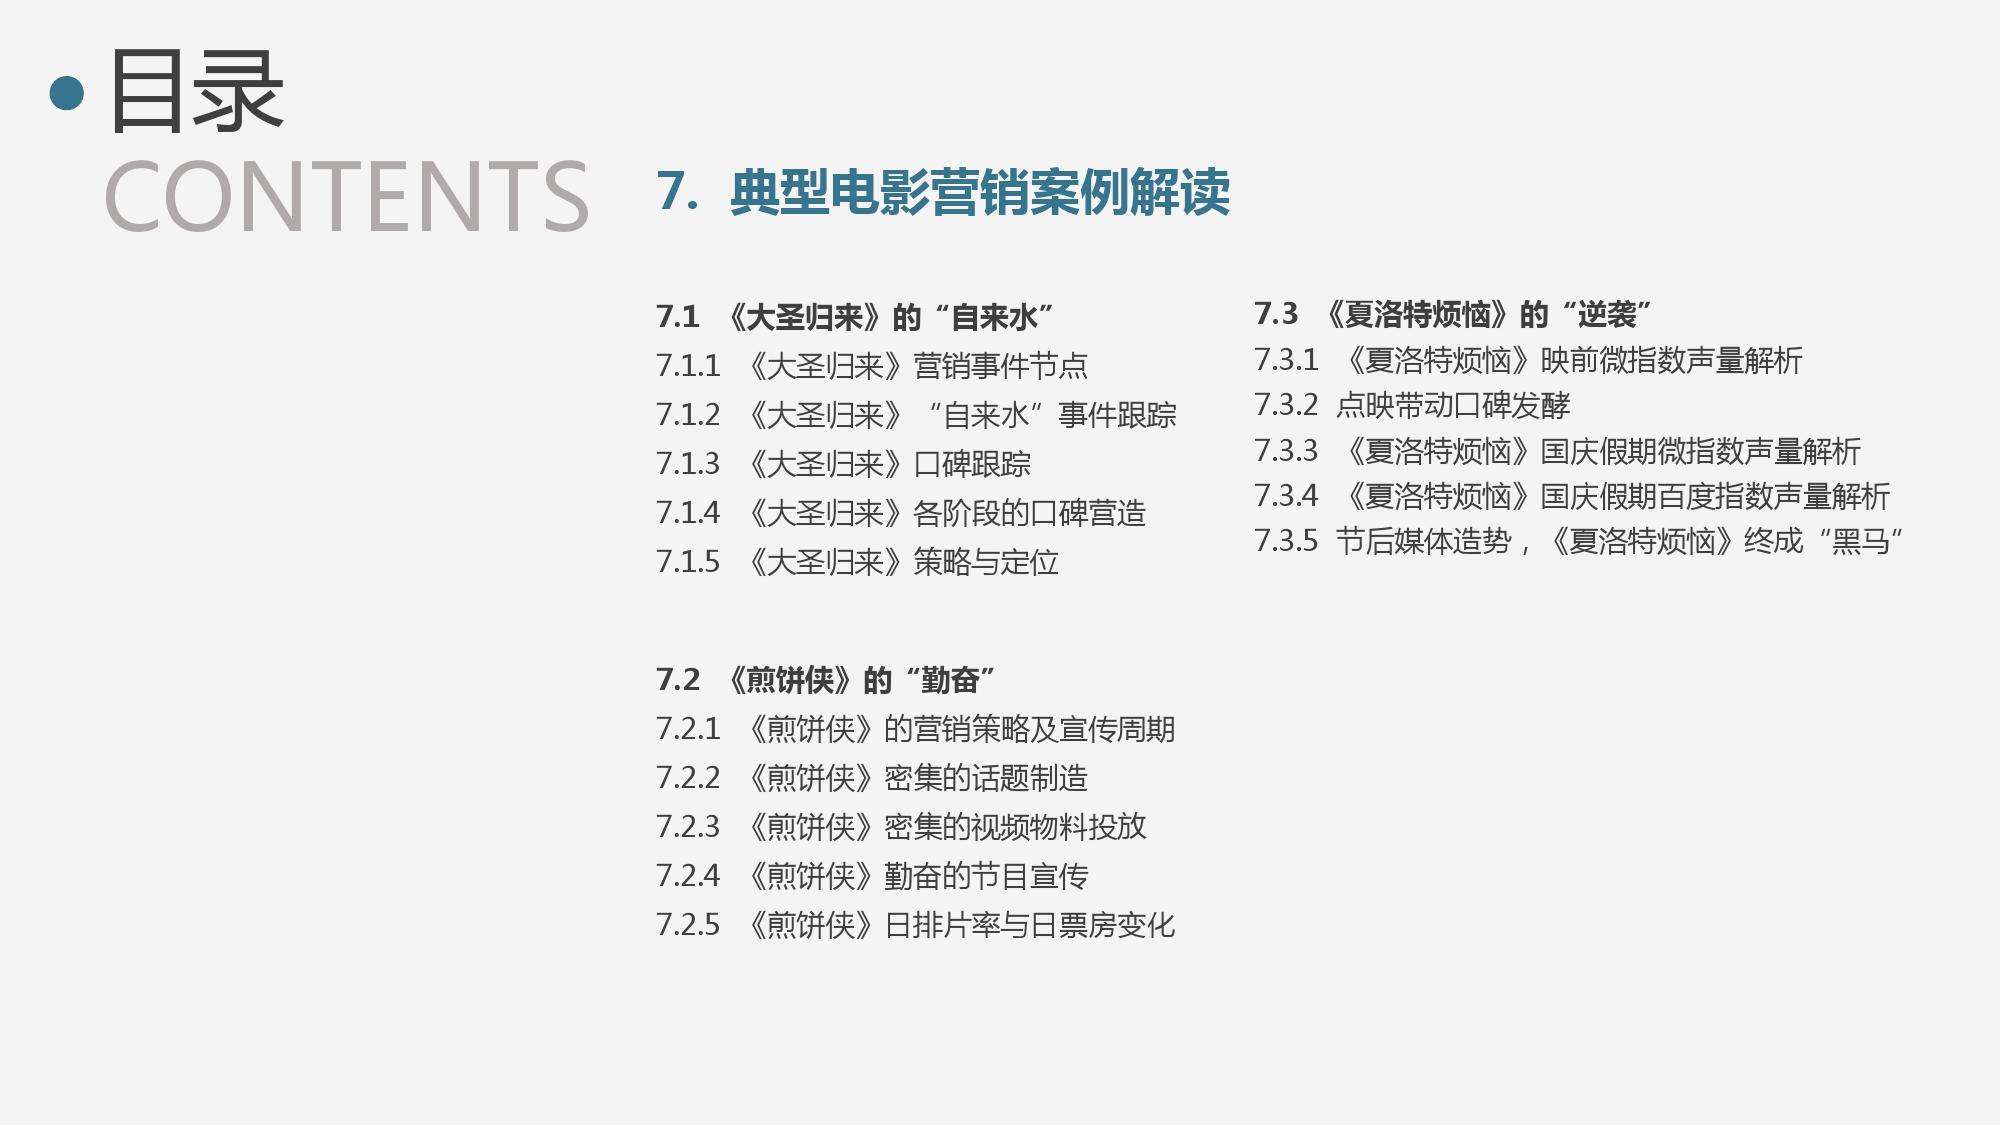 2015年度中国电影产业报告_000008